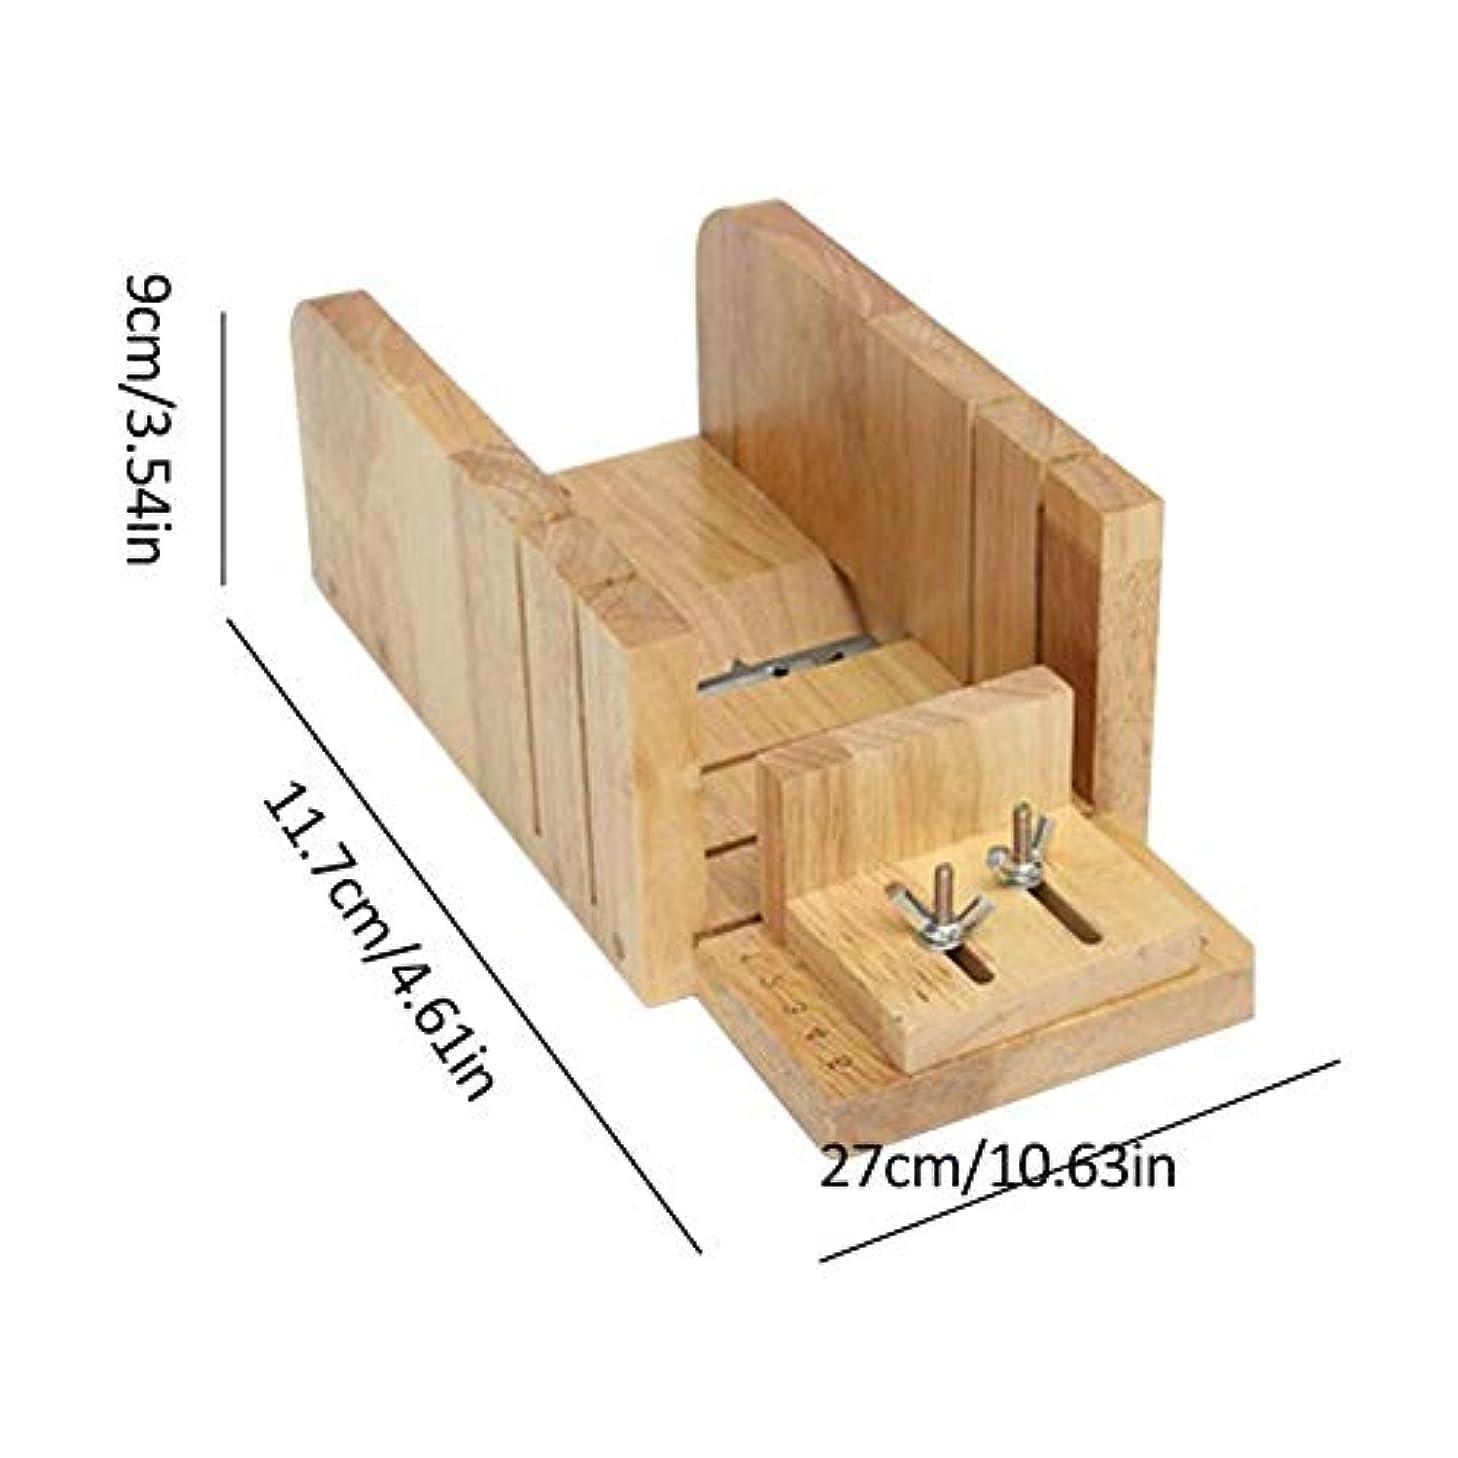 密接に強要心から3点セット ソープカッター 石けん金型ソープロープ カッター 木製 カッター ツールDIY 手作り 木製ボックス松木製 ストレートソープ包丁 ナイフ モールドソープ調整可能レトロ